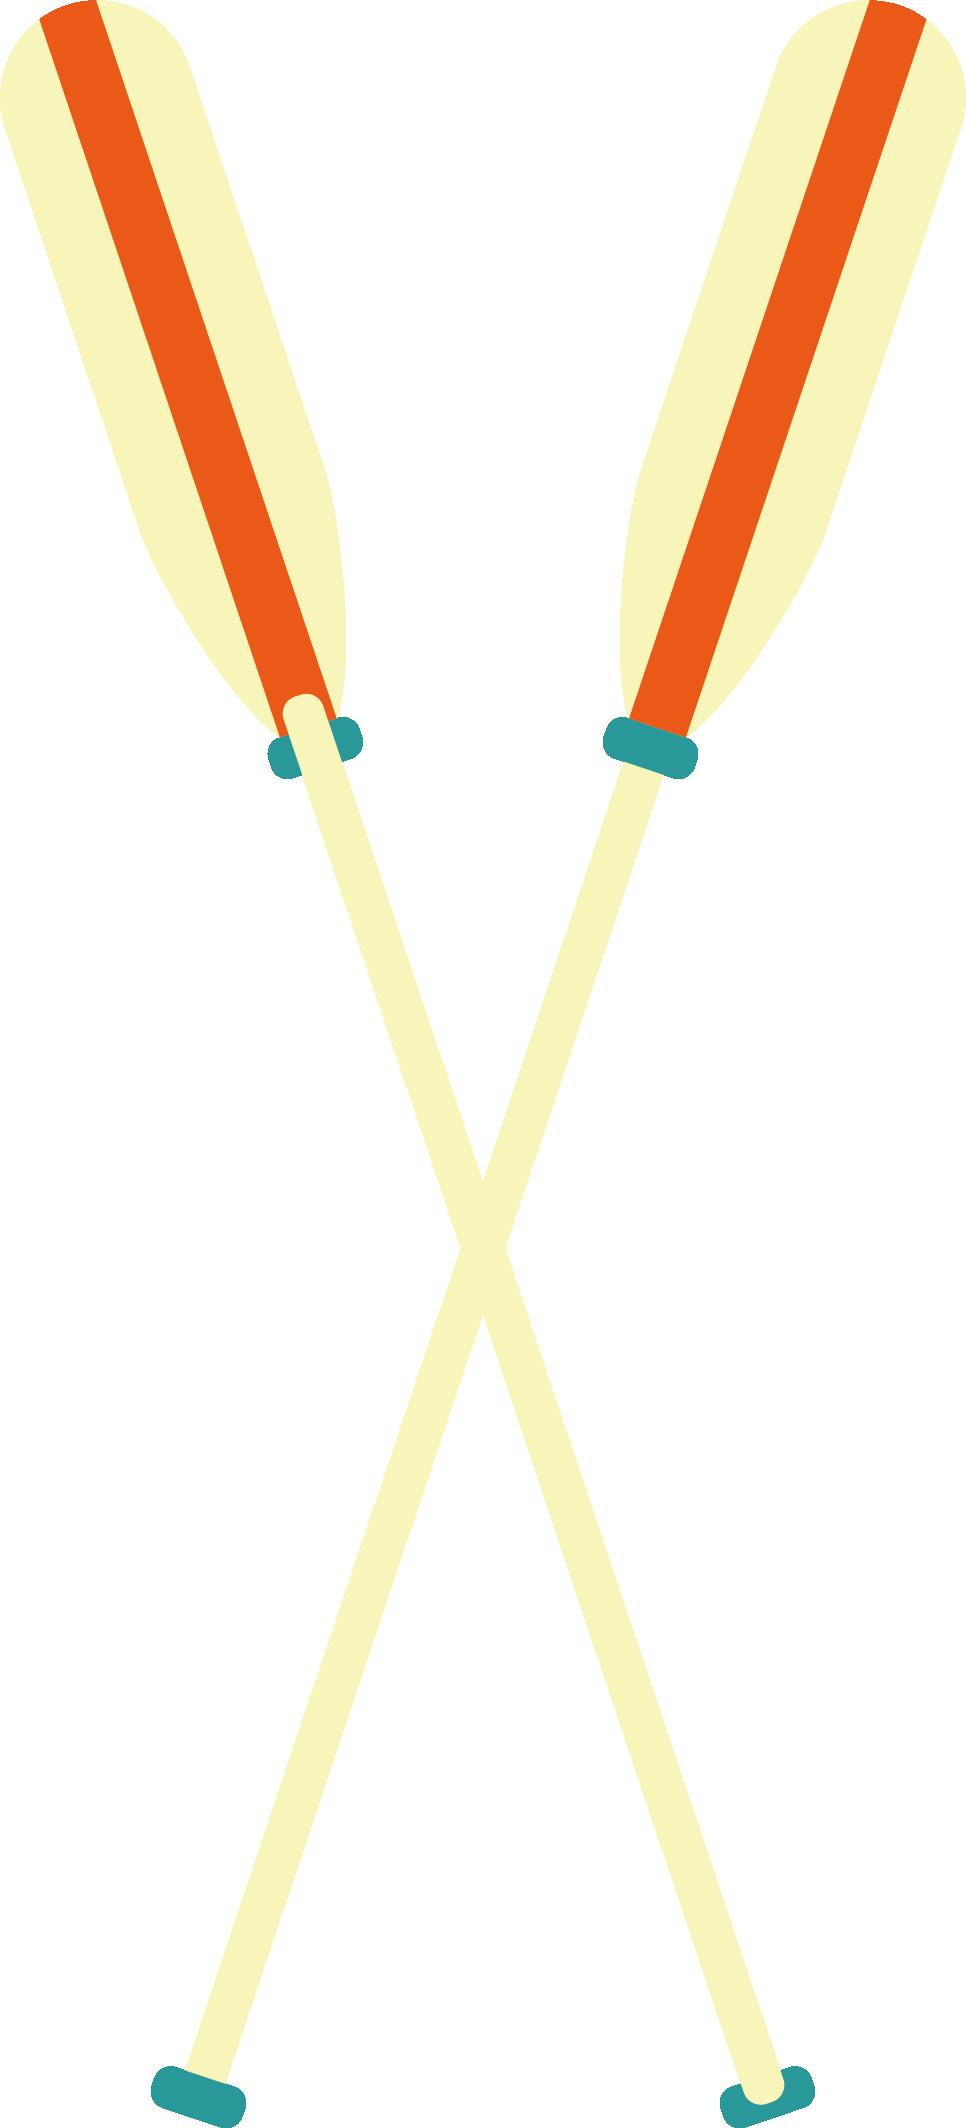 966x2128 Rowing Oar